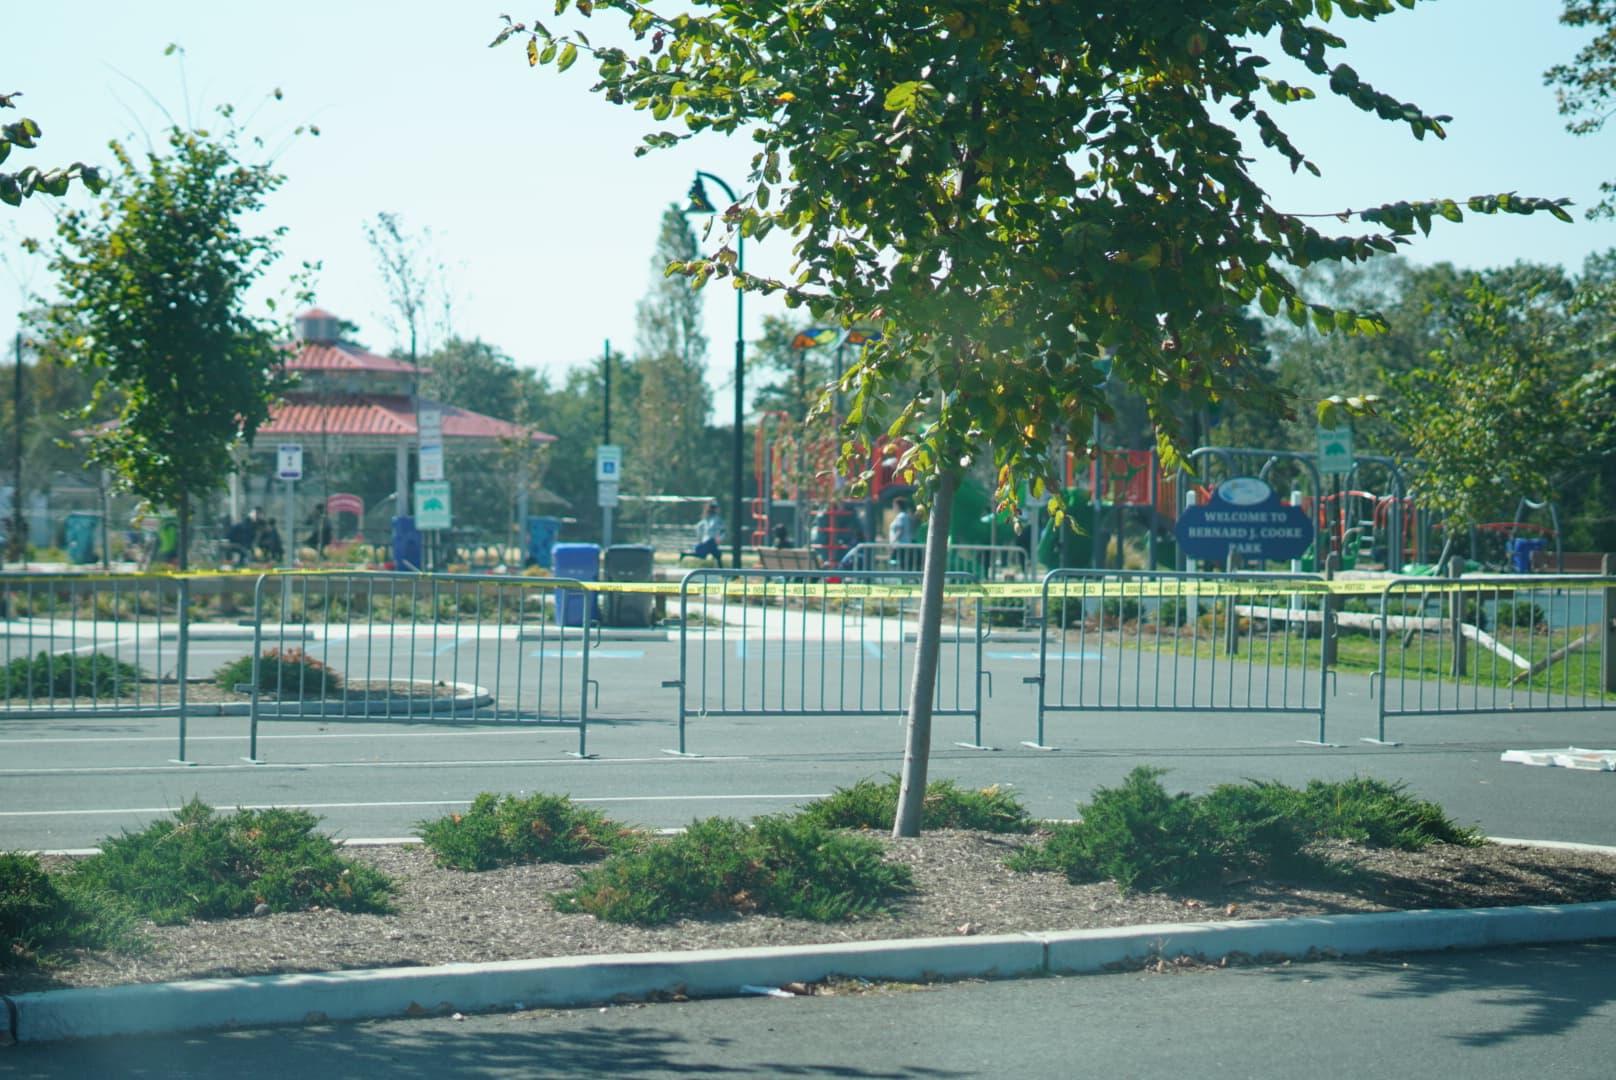 BRICK: PD Limits Capacity At Parks?